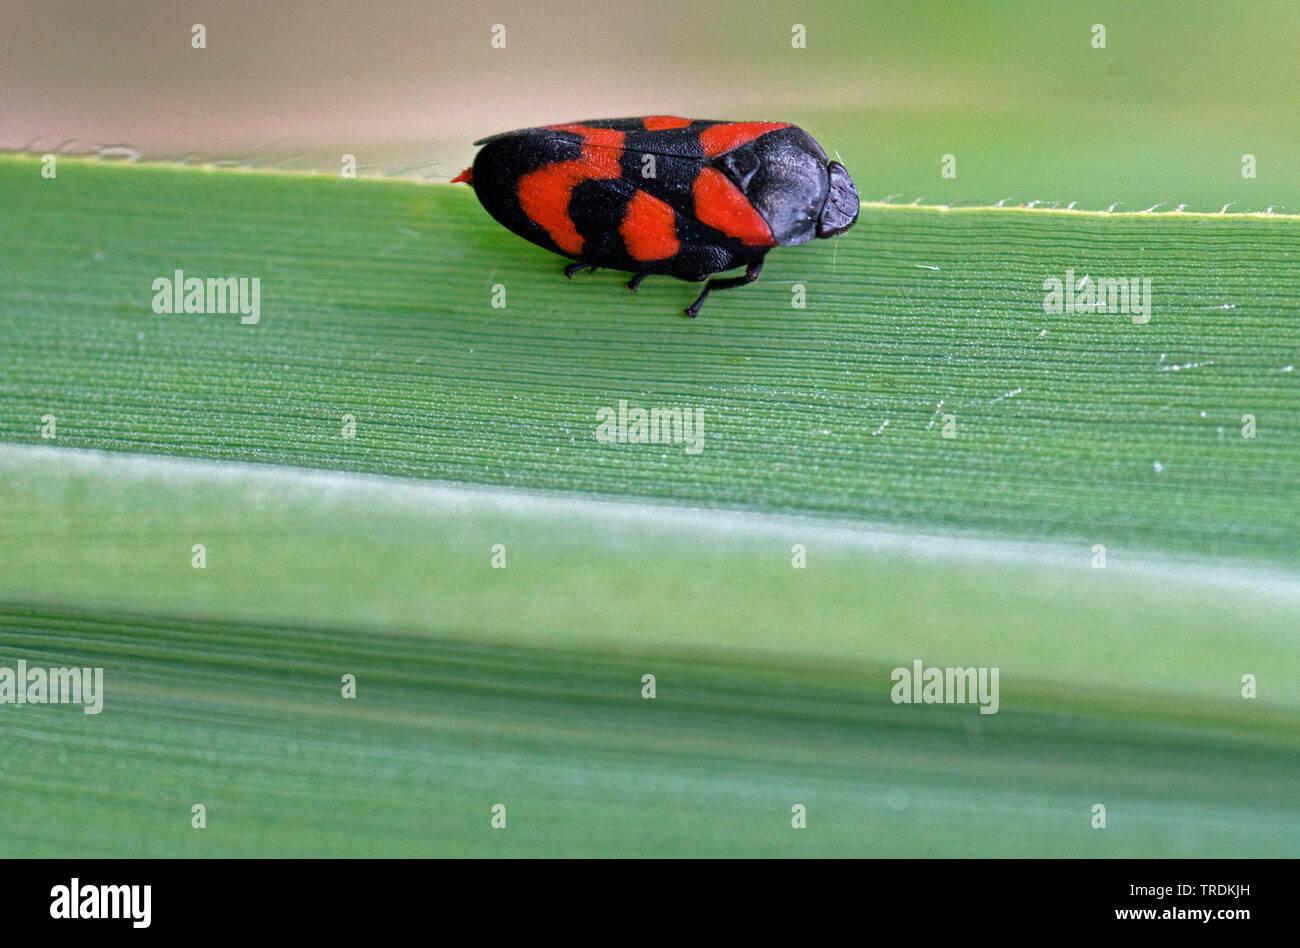 Rotschwarze Schaumzikade, Blutzikade, Blut-Zikade (Cercopis vulnerata, Cercopis sanguinea), sitzt auf einem Blatt, Deutschland, Bayern, Murnauer Moos - Stock Image